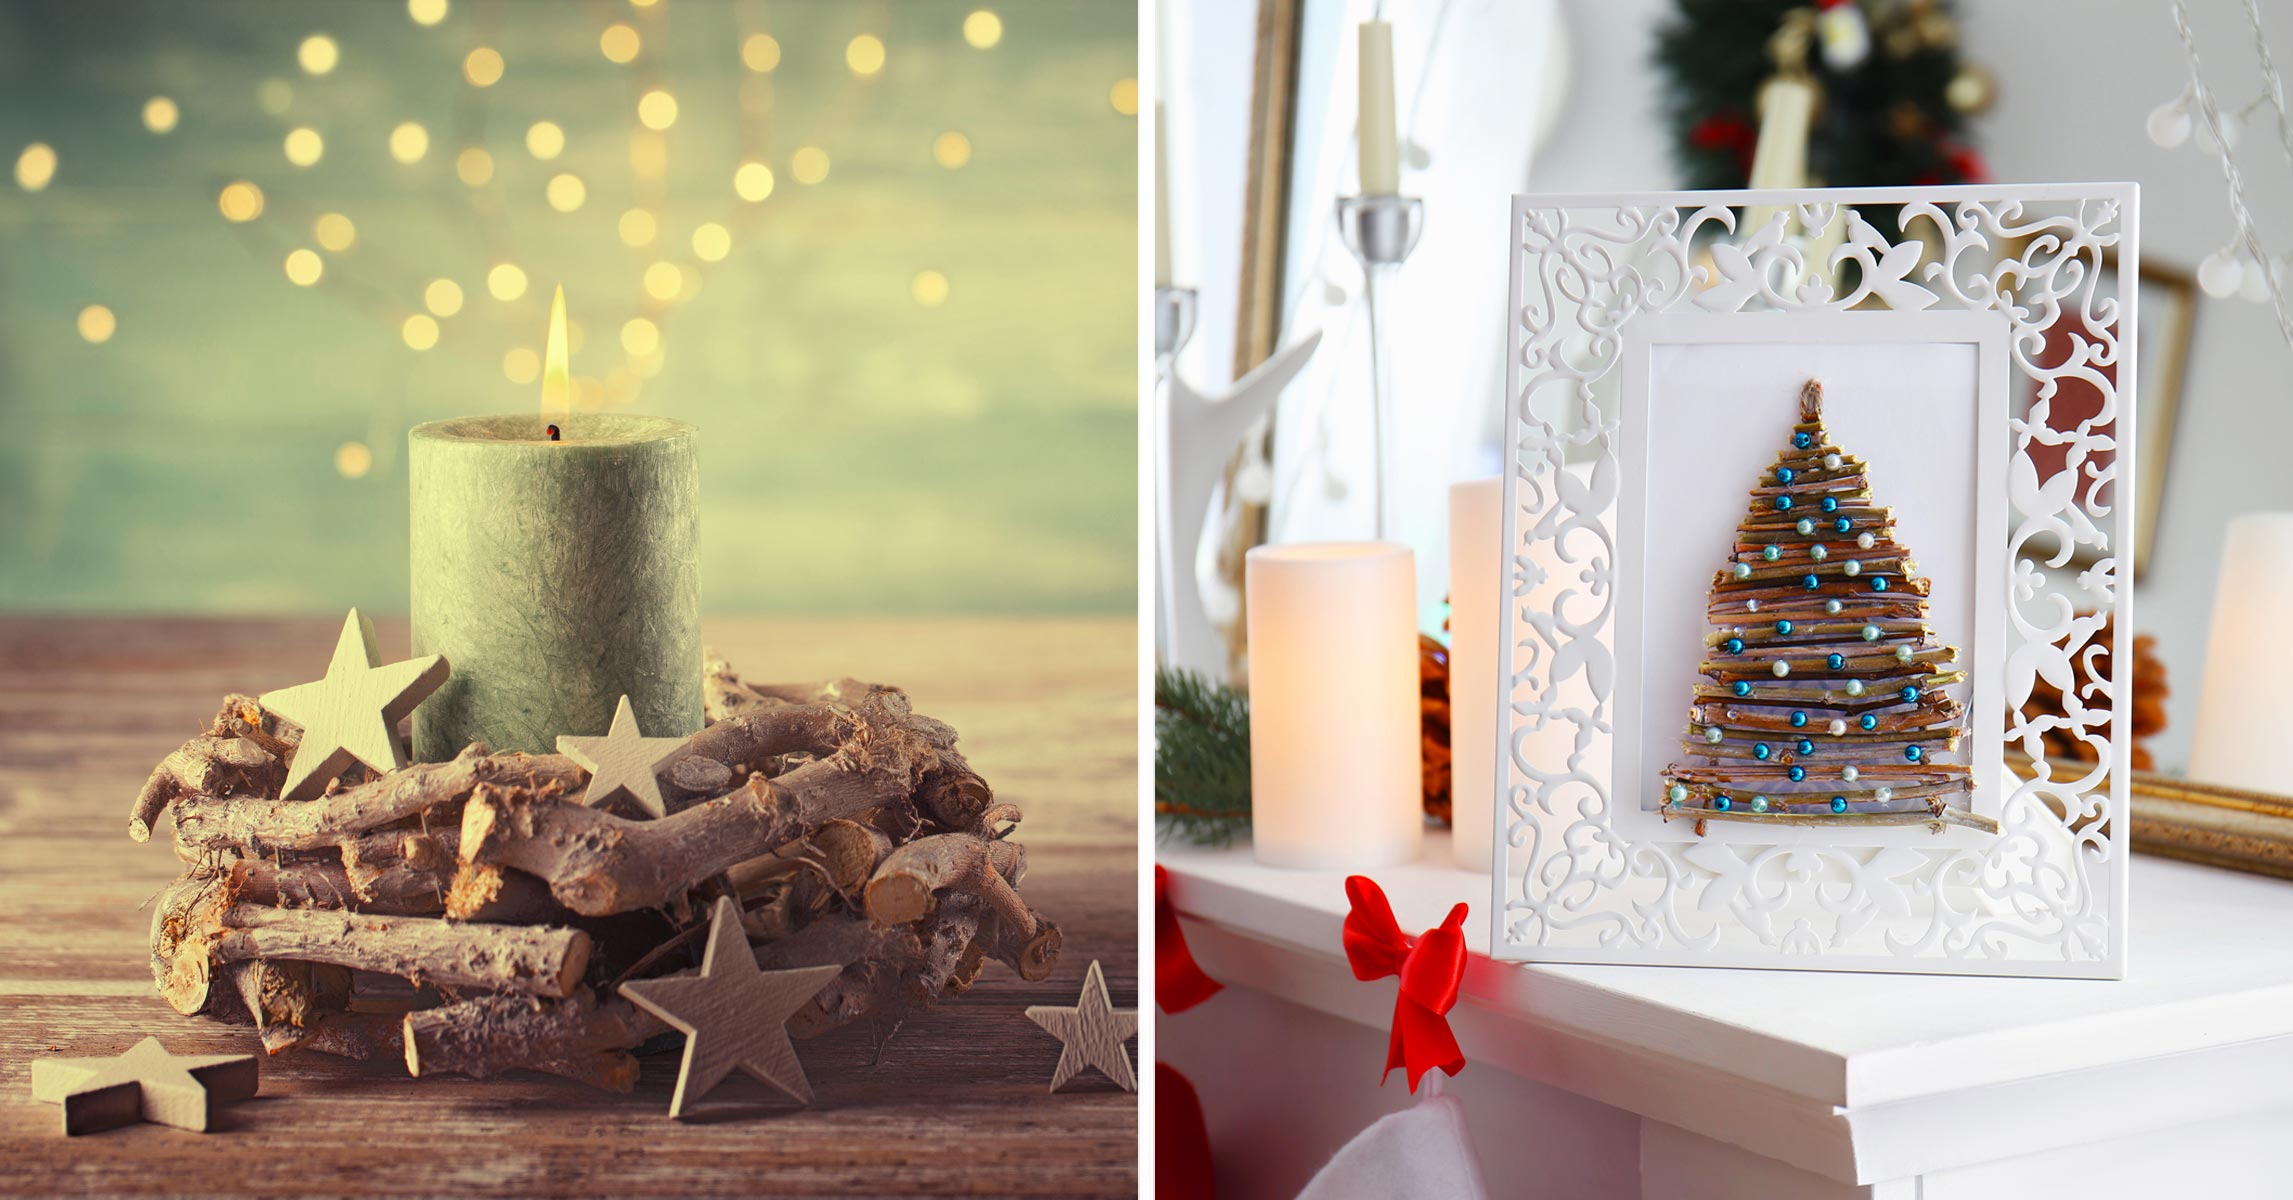 Legno Idee Fai Da Te addobbi natalizi con legno di recupero: 24 idee fai da te da